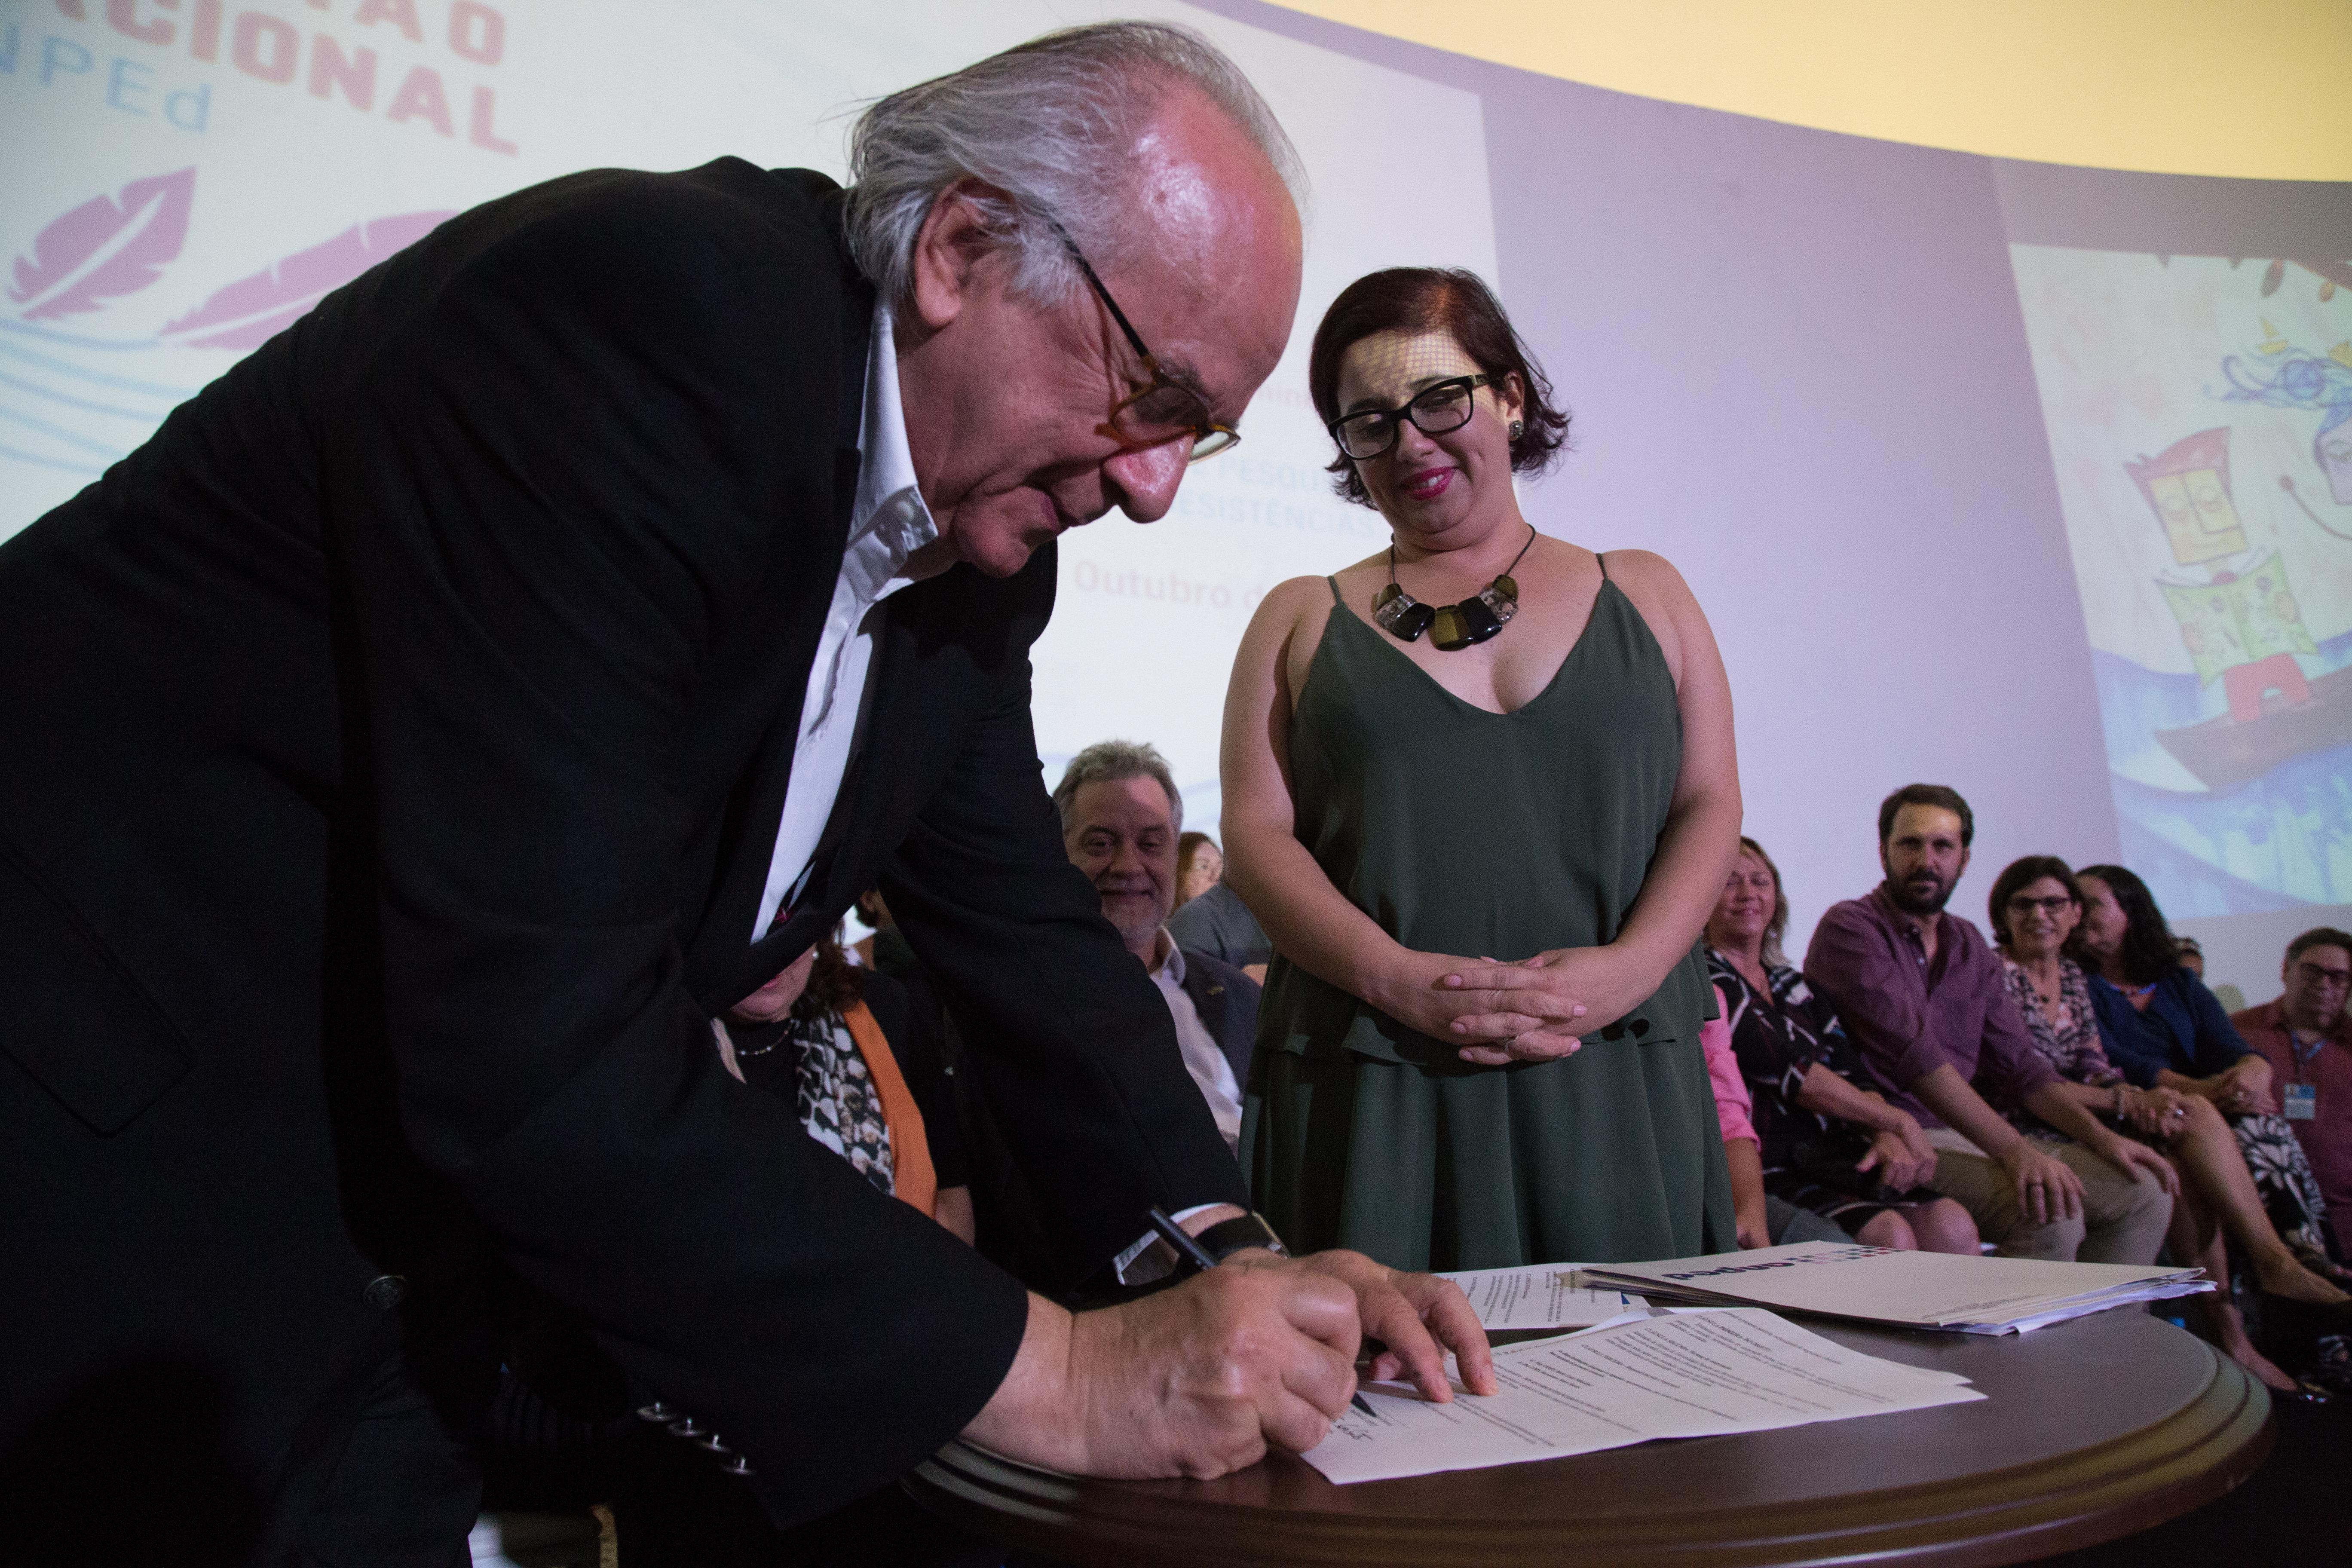 Boaventura e Andréa Gouveia, presidente da ANPEd, assinam o Protocolo de Cooperação do Convênio UPMS